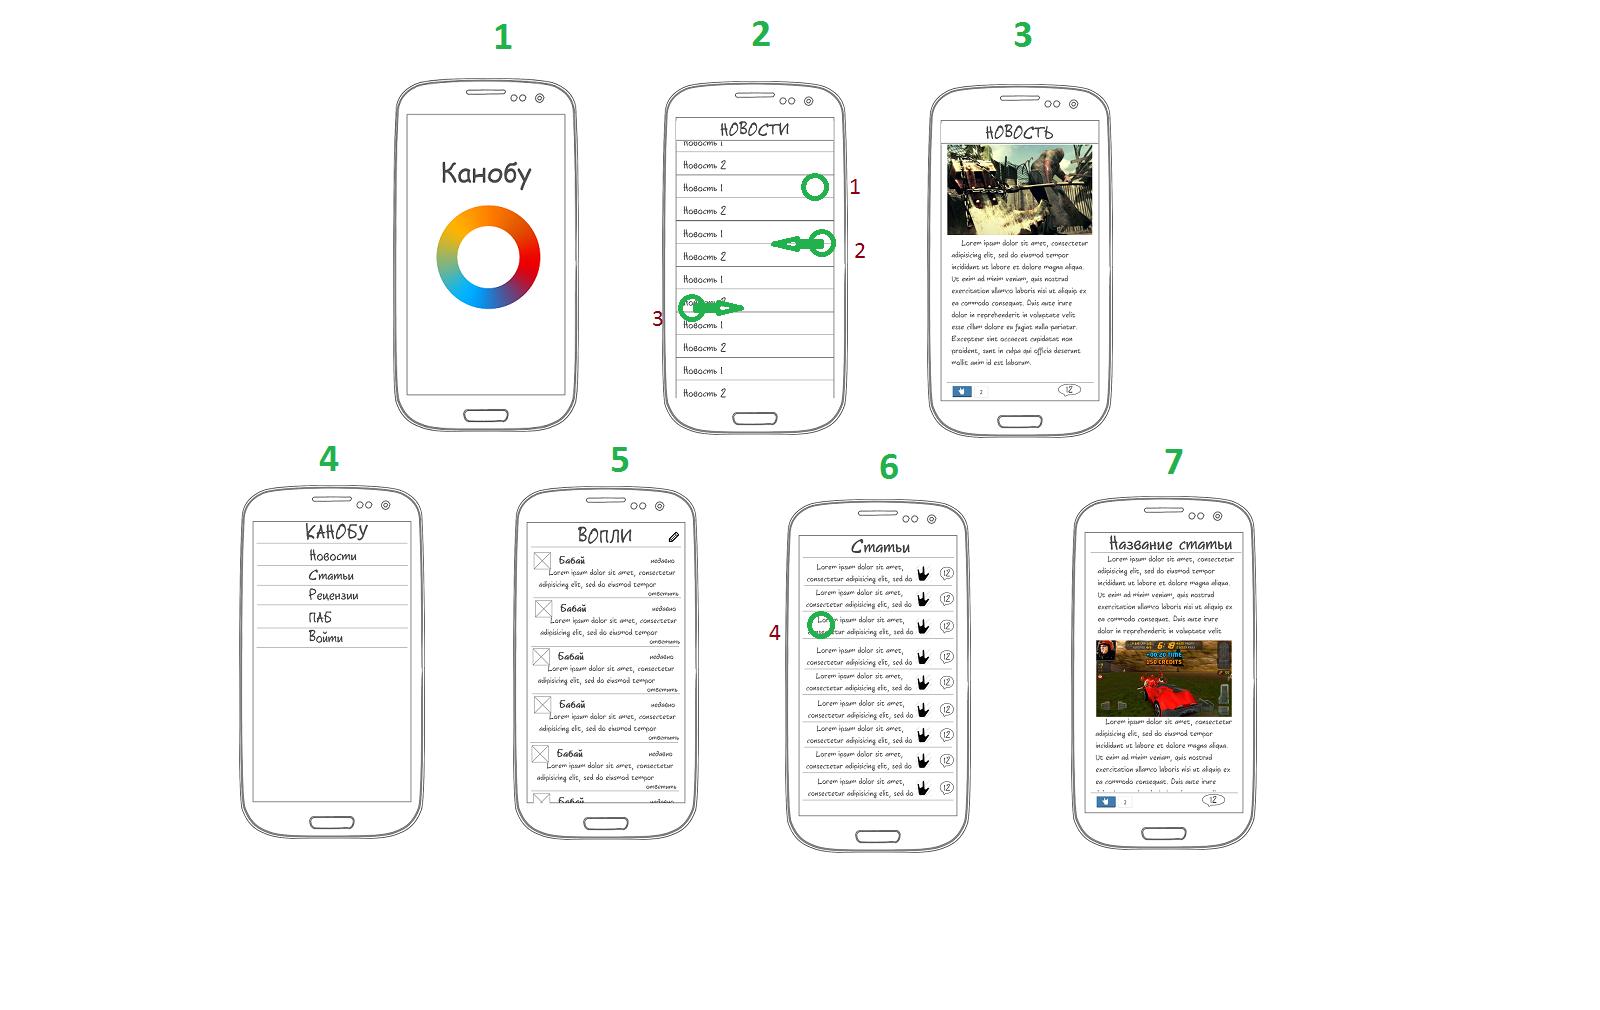 Мобильное приложение Канобу. Моё видение. - Изображение 1